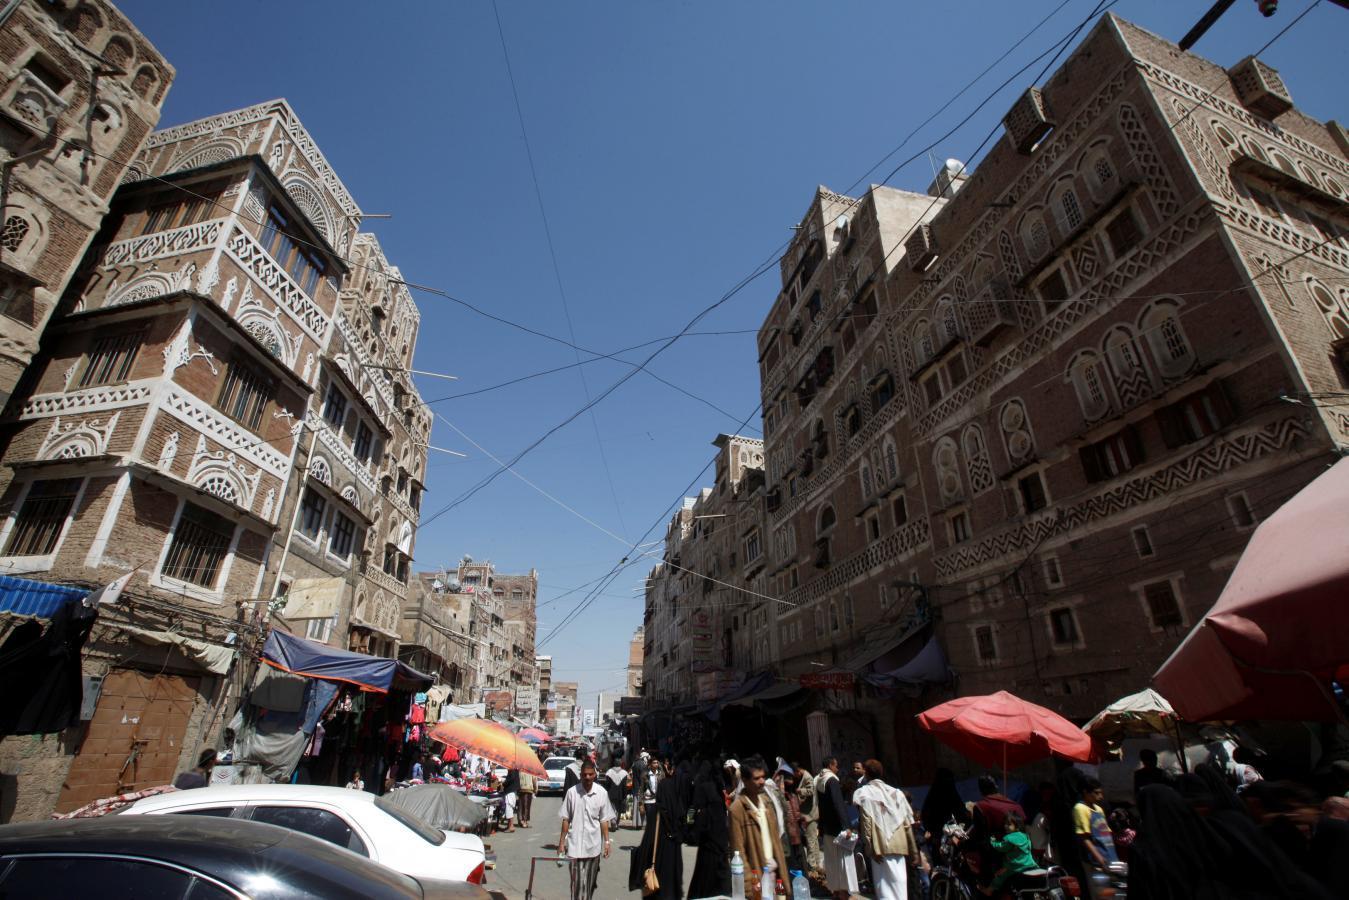 Combat rages in Yemen as U.N. seeks to extend 72-hour ceasefire